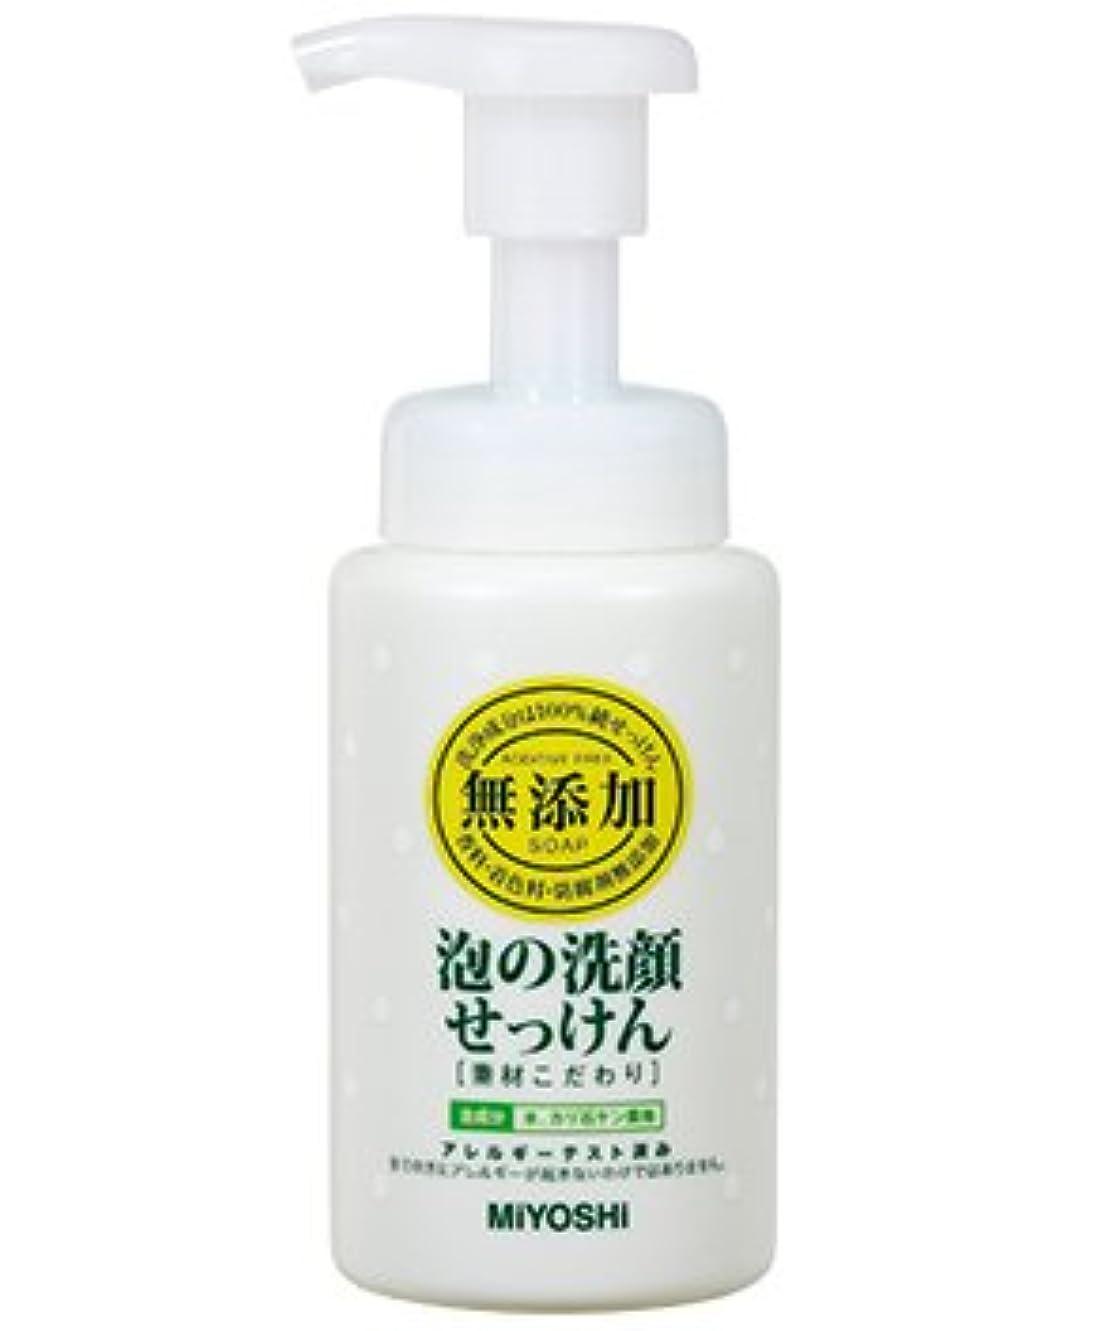 幸運ぬるい機会ミヨシ石鹸 無添加 泡の洗顔せっけん 200ml 合成界面活性剤はもちろん、香料、着色料、防腐剤などは一切加えていません×24点セット (4537130102022)